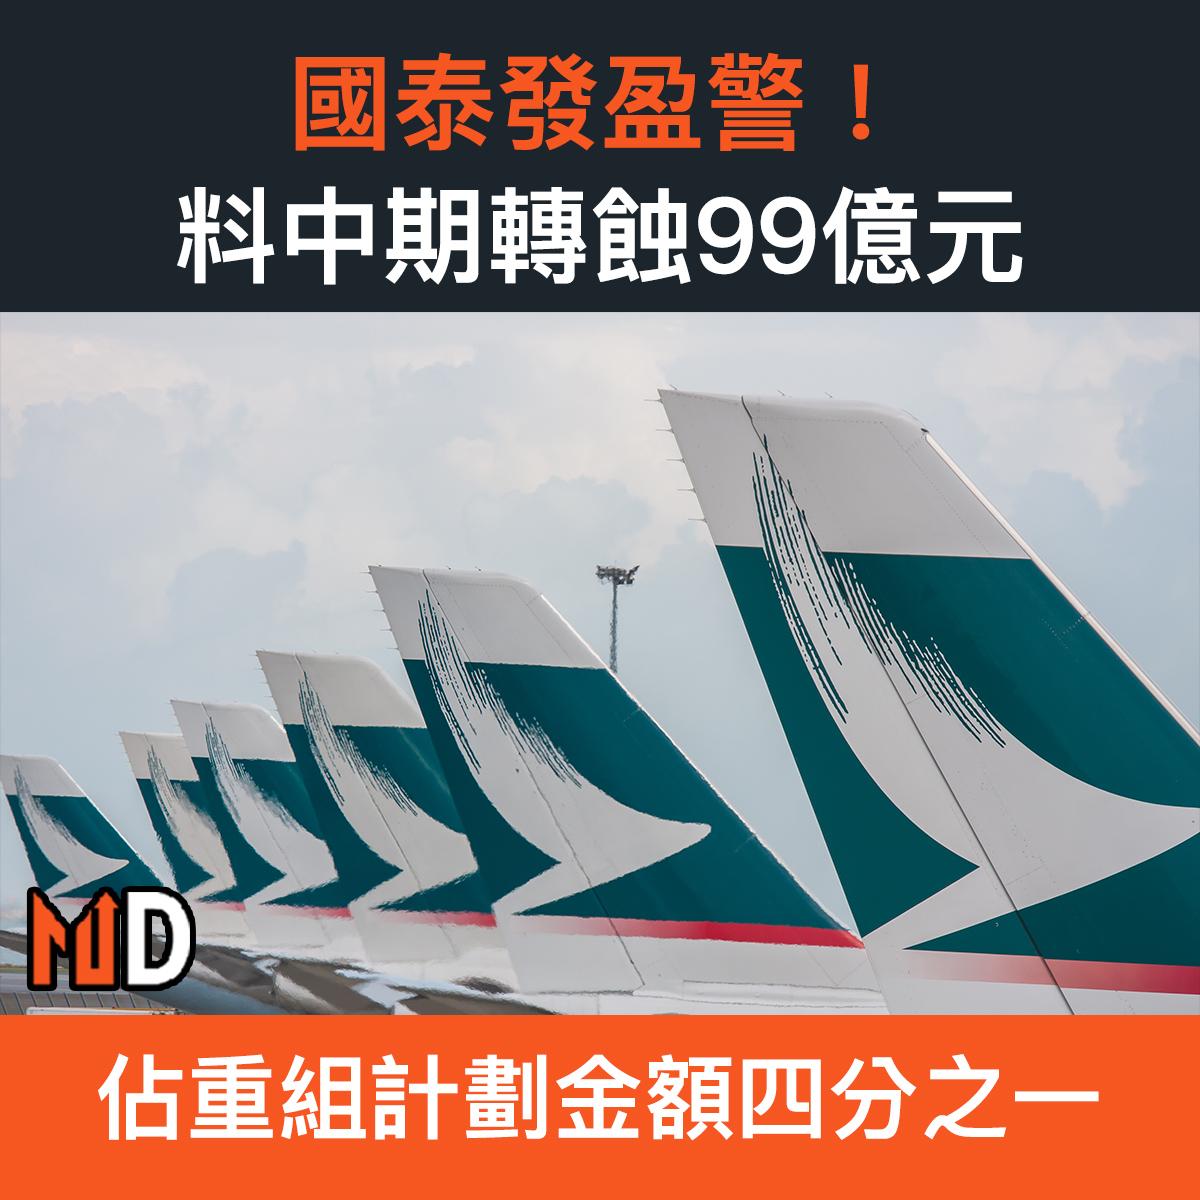 【市場熱話】國泰發盈警!料中期虧損99億元